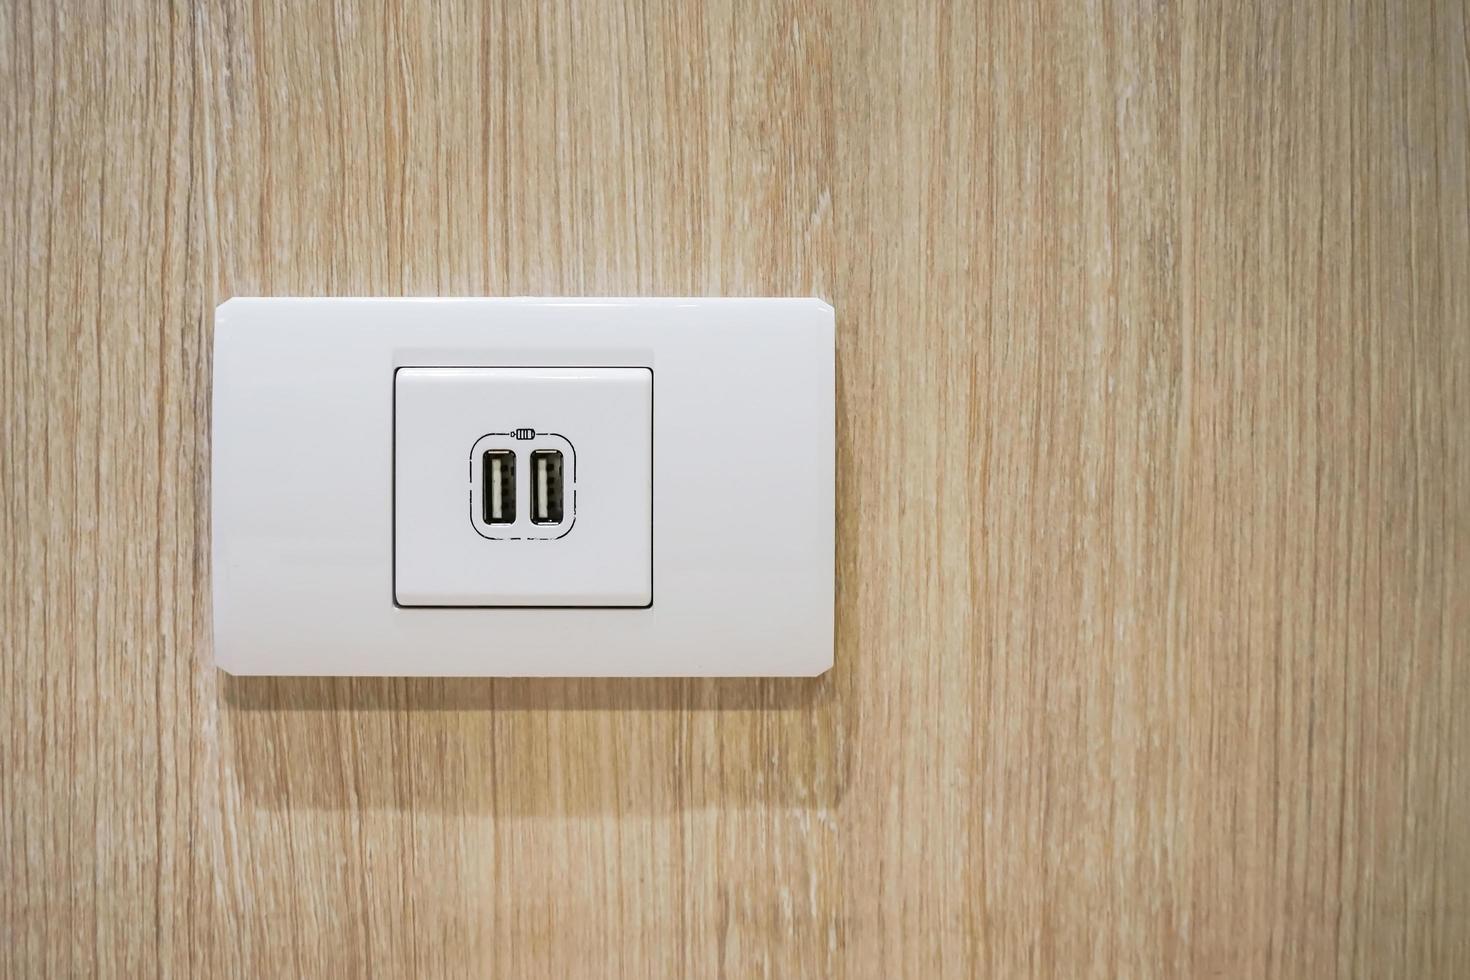 USB-Buchsenanschluss mit USB-Beschilderungssymbol auf Holzwandhintergrund, zur Verwendung vorbereitet. foto